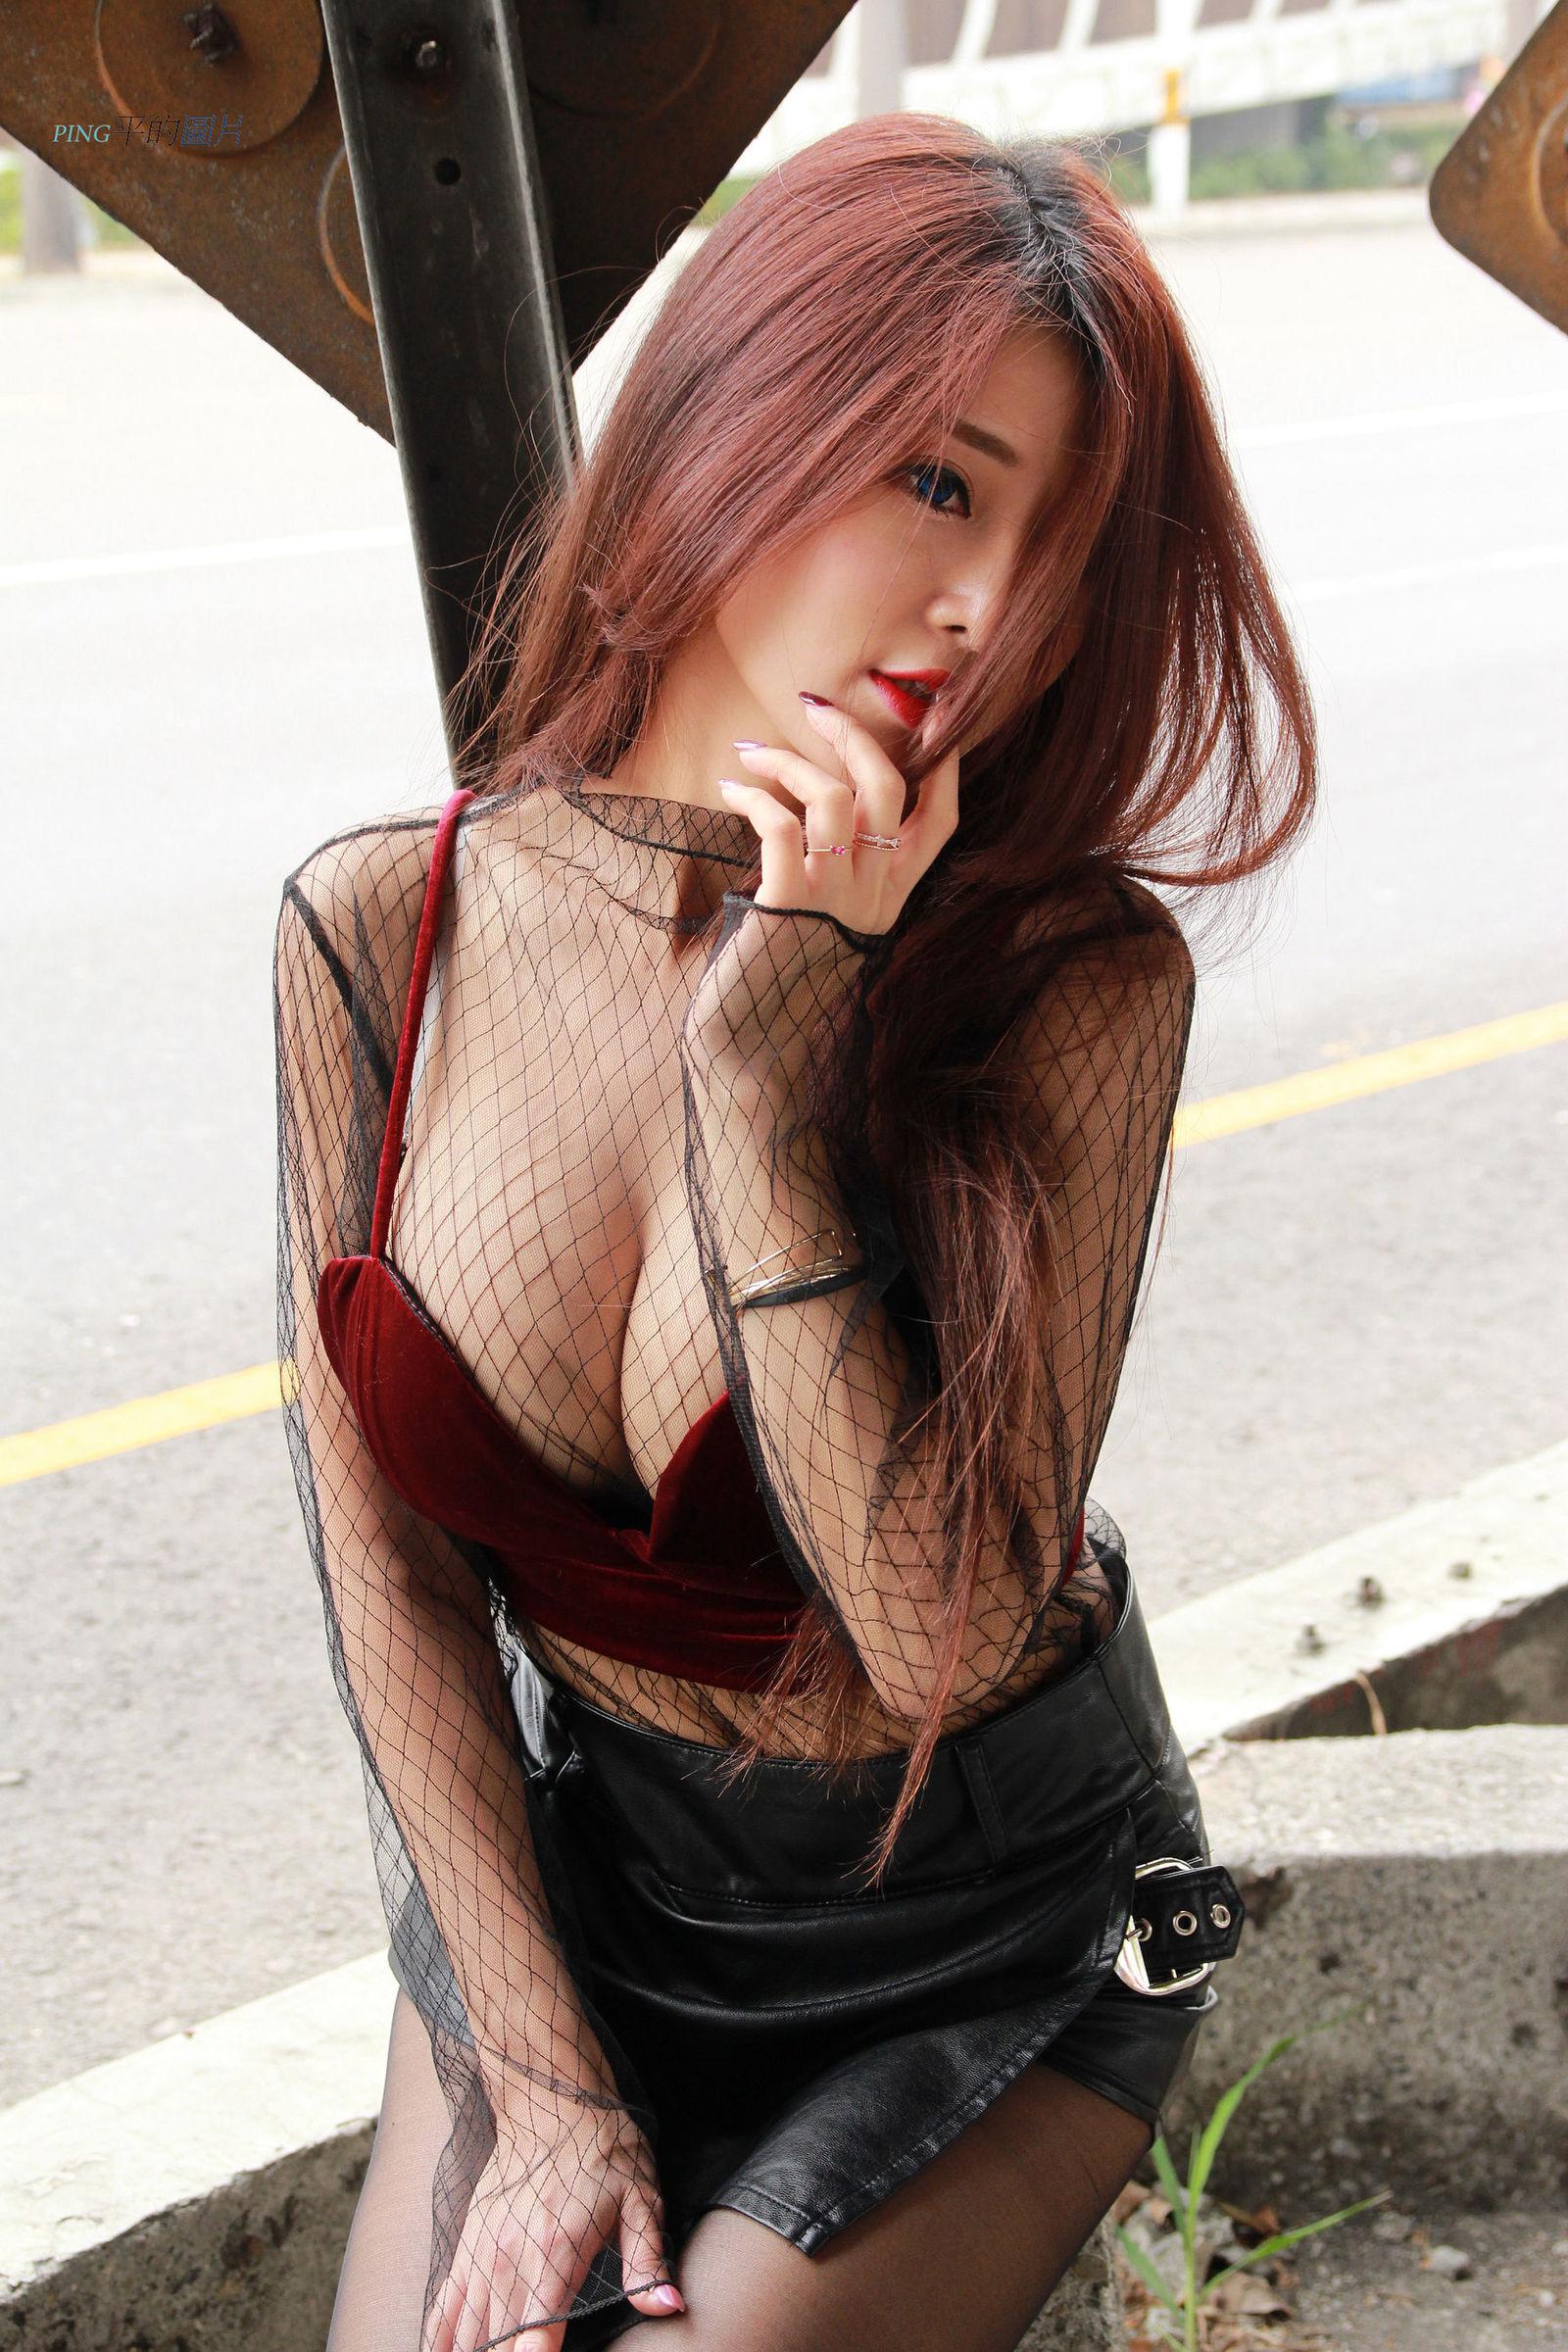 [台湾美女] 安希希 - 黑丝白裙赏 写真图片